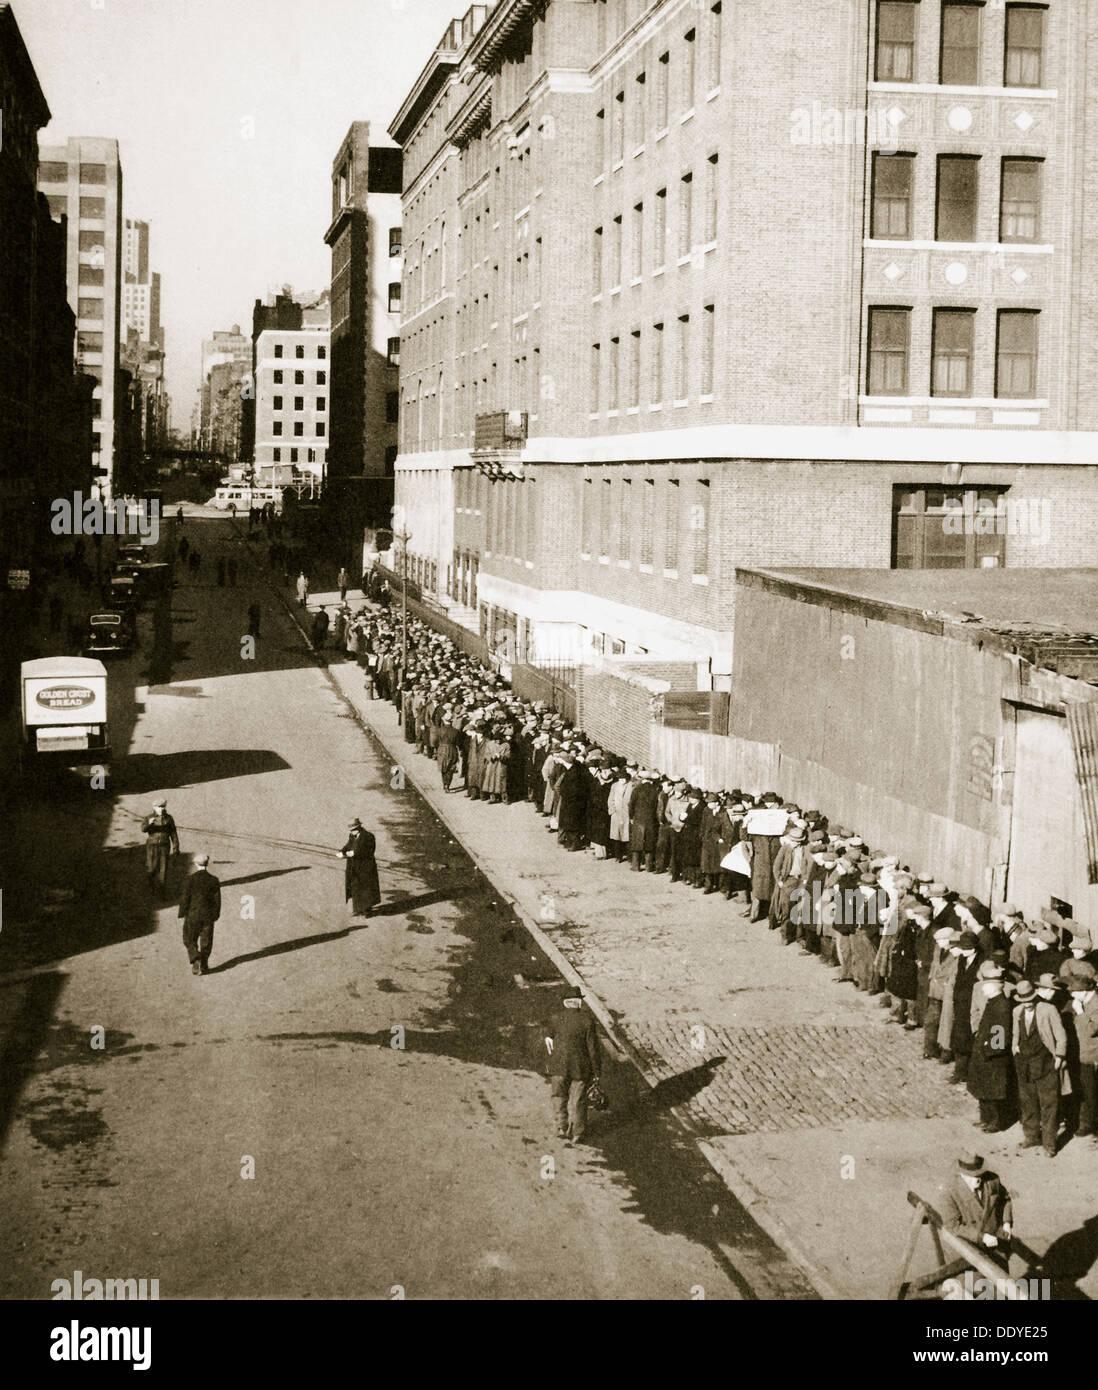 Il livello di sussistenza, un segno visibile della povertà durante la Grande Depressione, USA, 1930 Artista: sconosciuto Immagini Stock